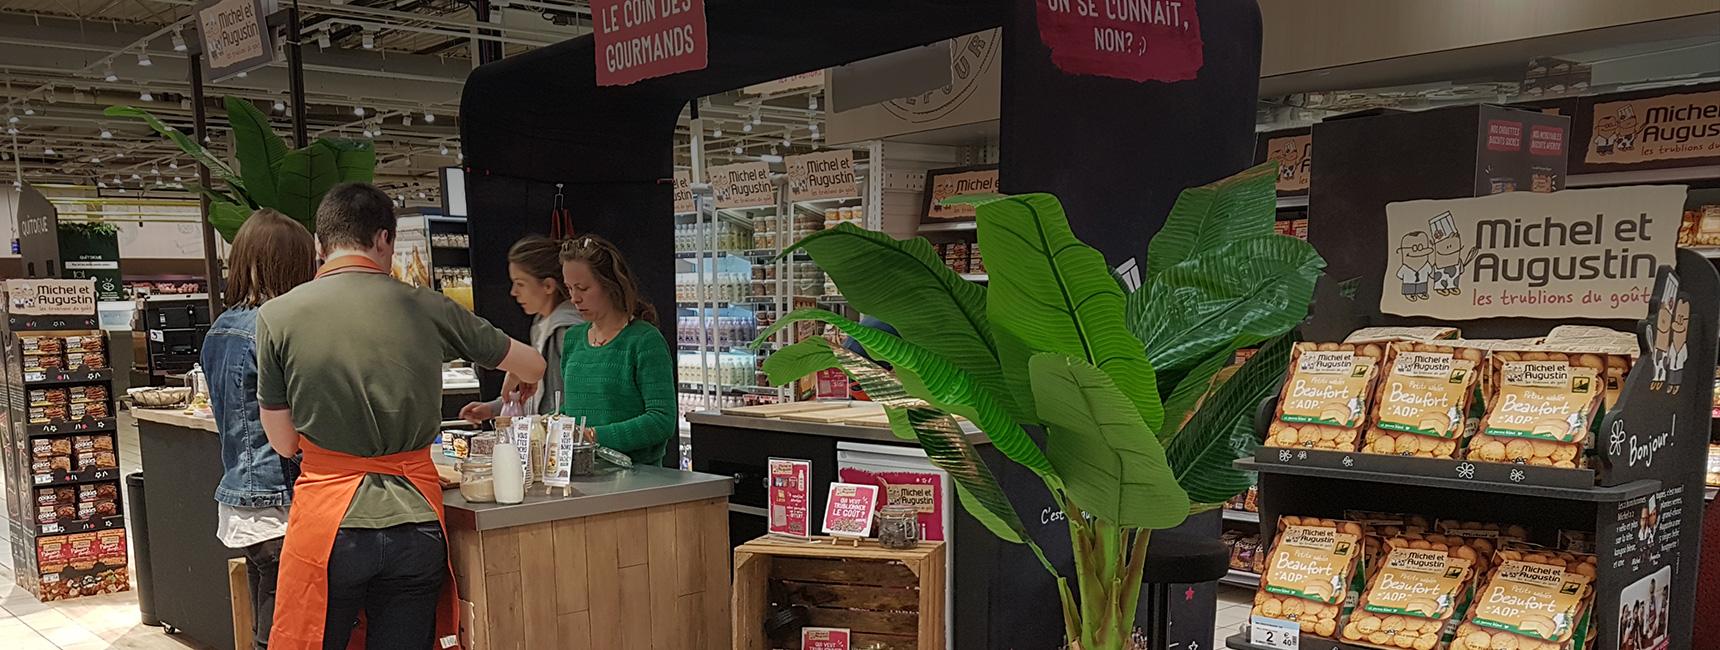 Michel et Augustin : animation Instore de dégustation et atelier culinaire - Keemia Shopper Marketing - Agence d'activation shopper marketing phygitale